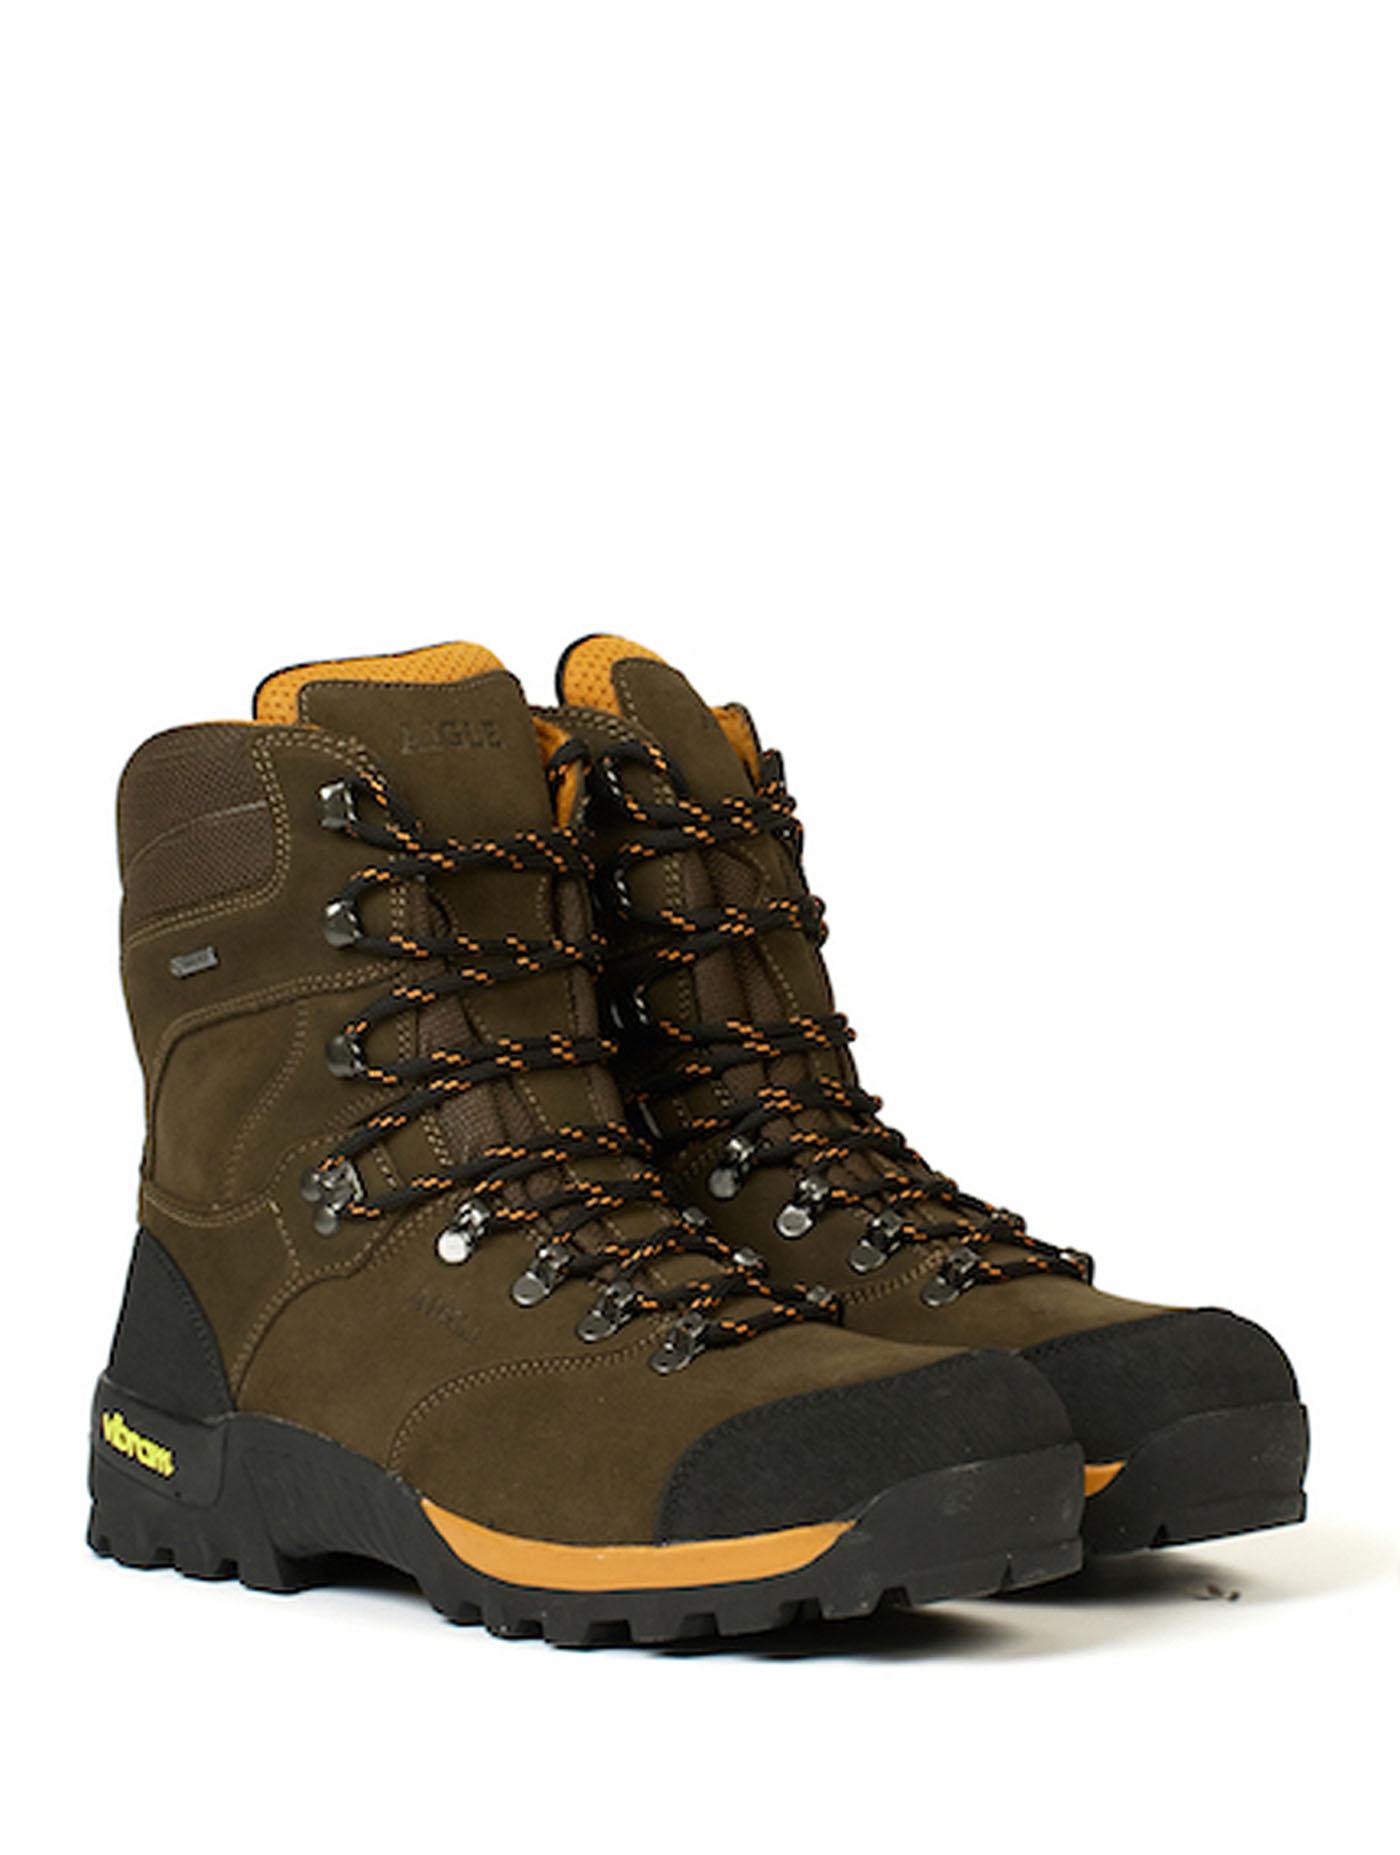 Chaussures montantes Gore Tex® Homme Altaviohomme | AIGLE